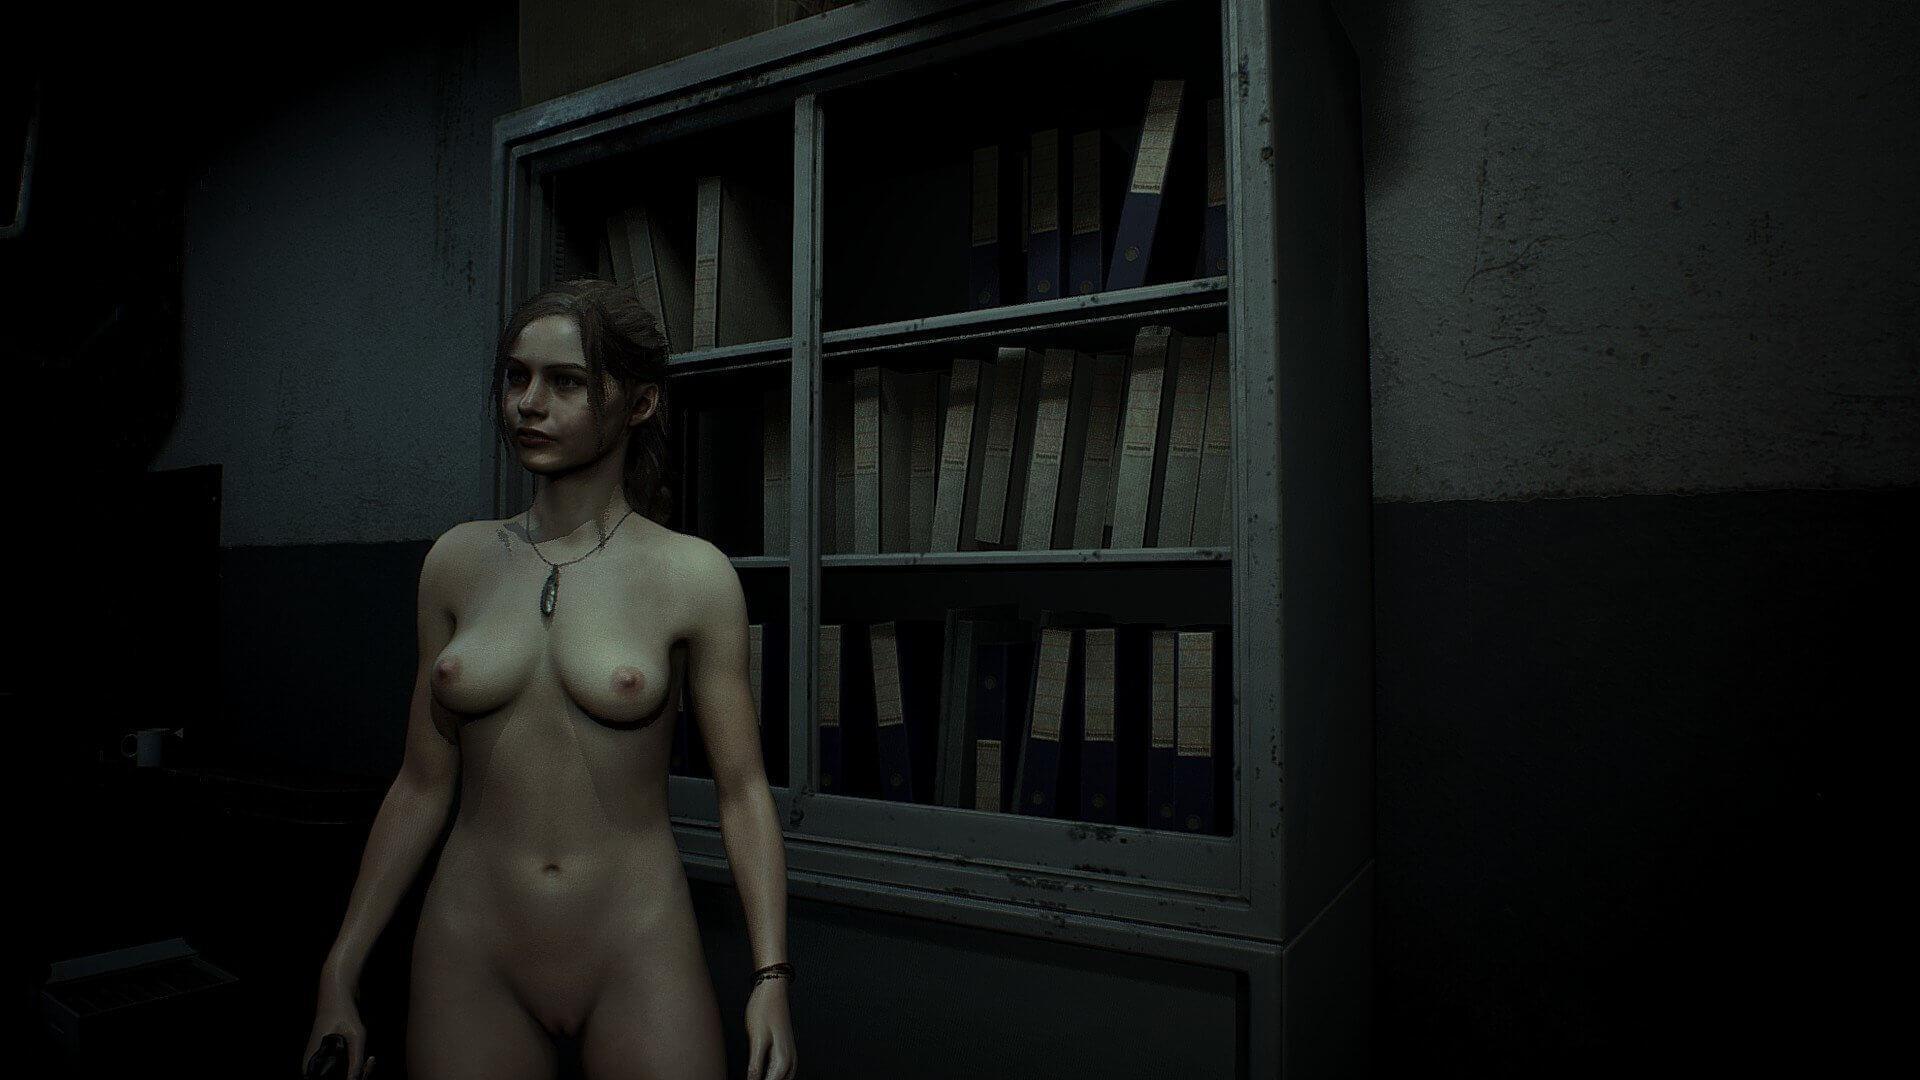 Beautiful Asian Model Nude